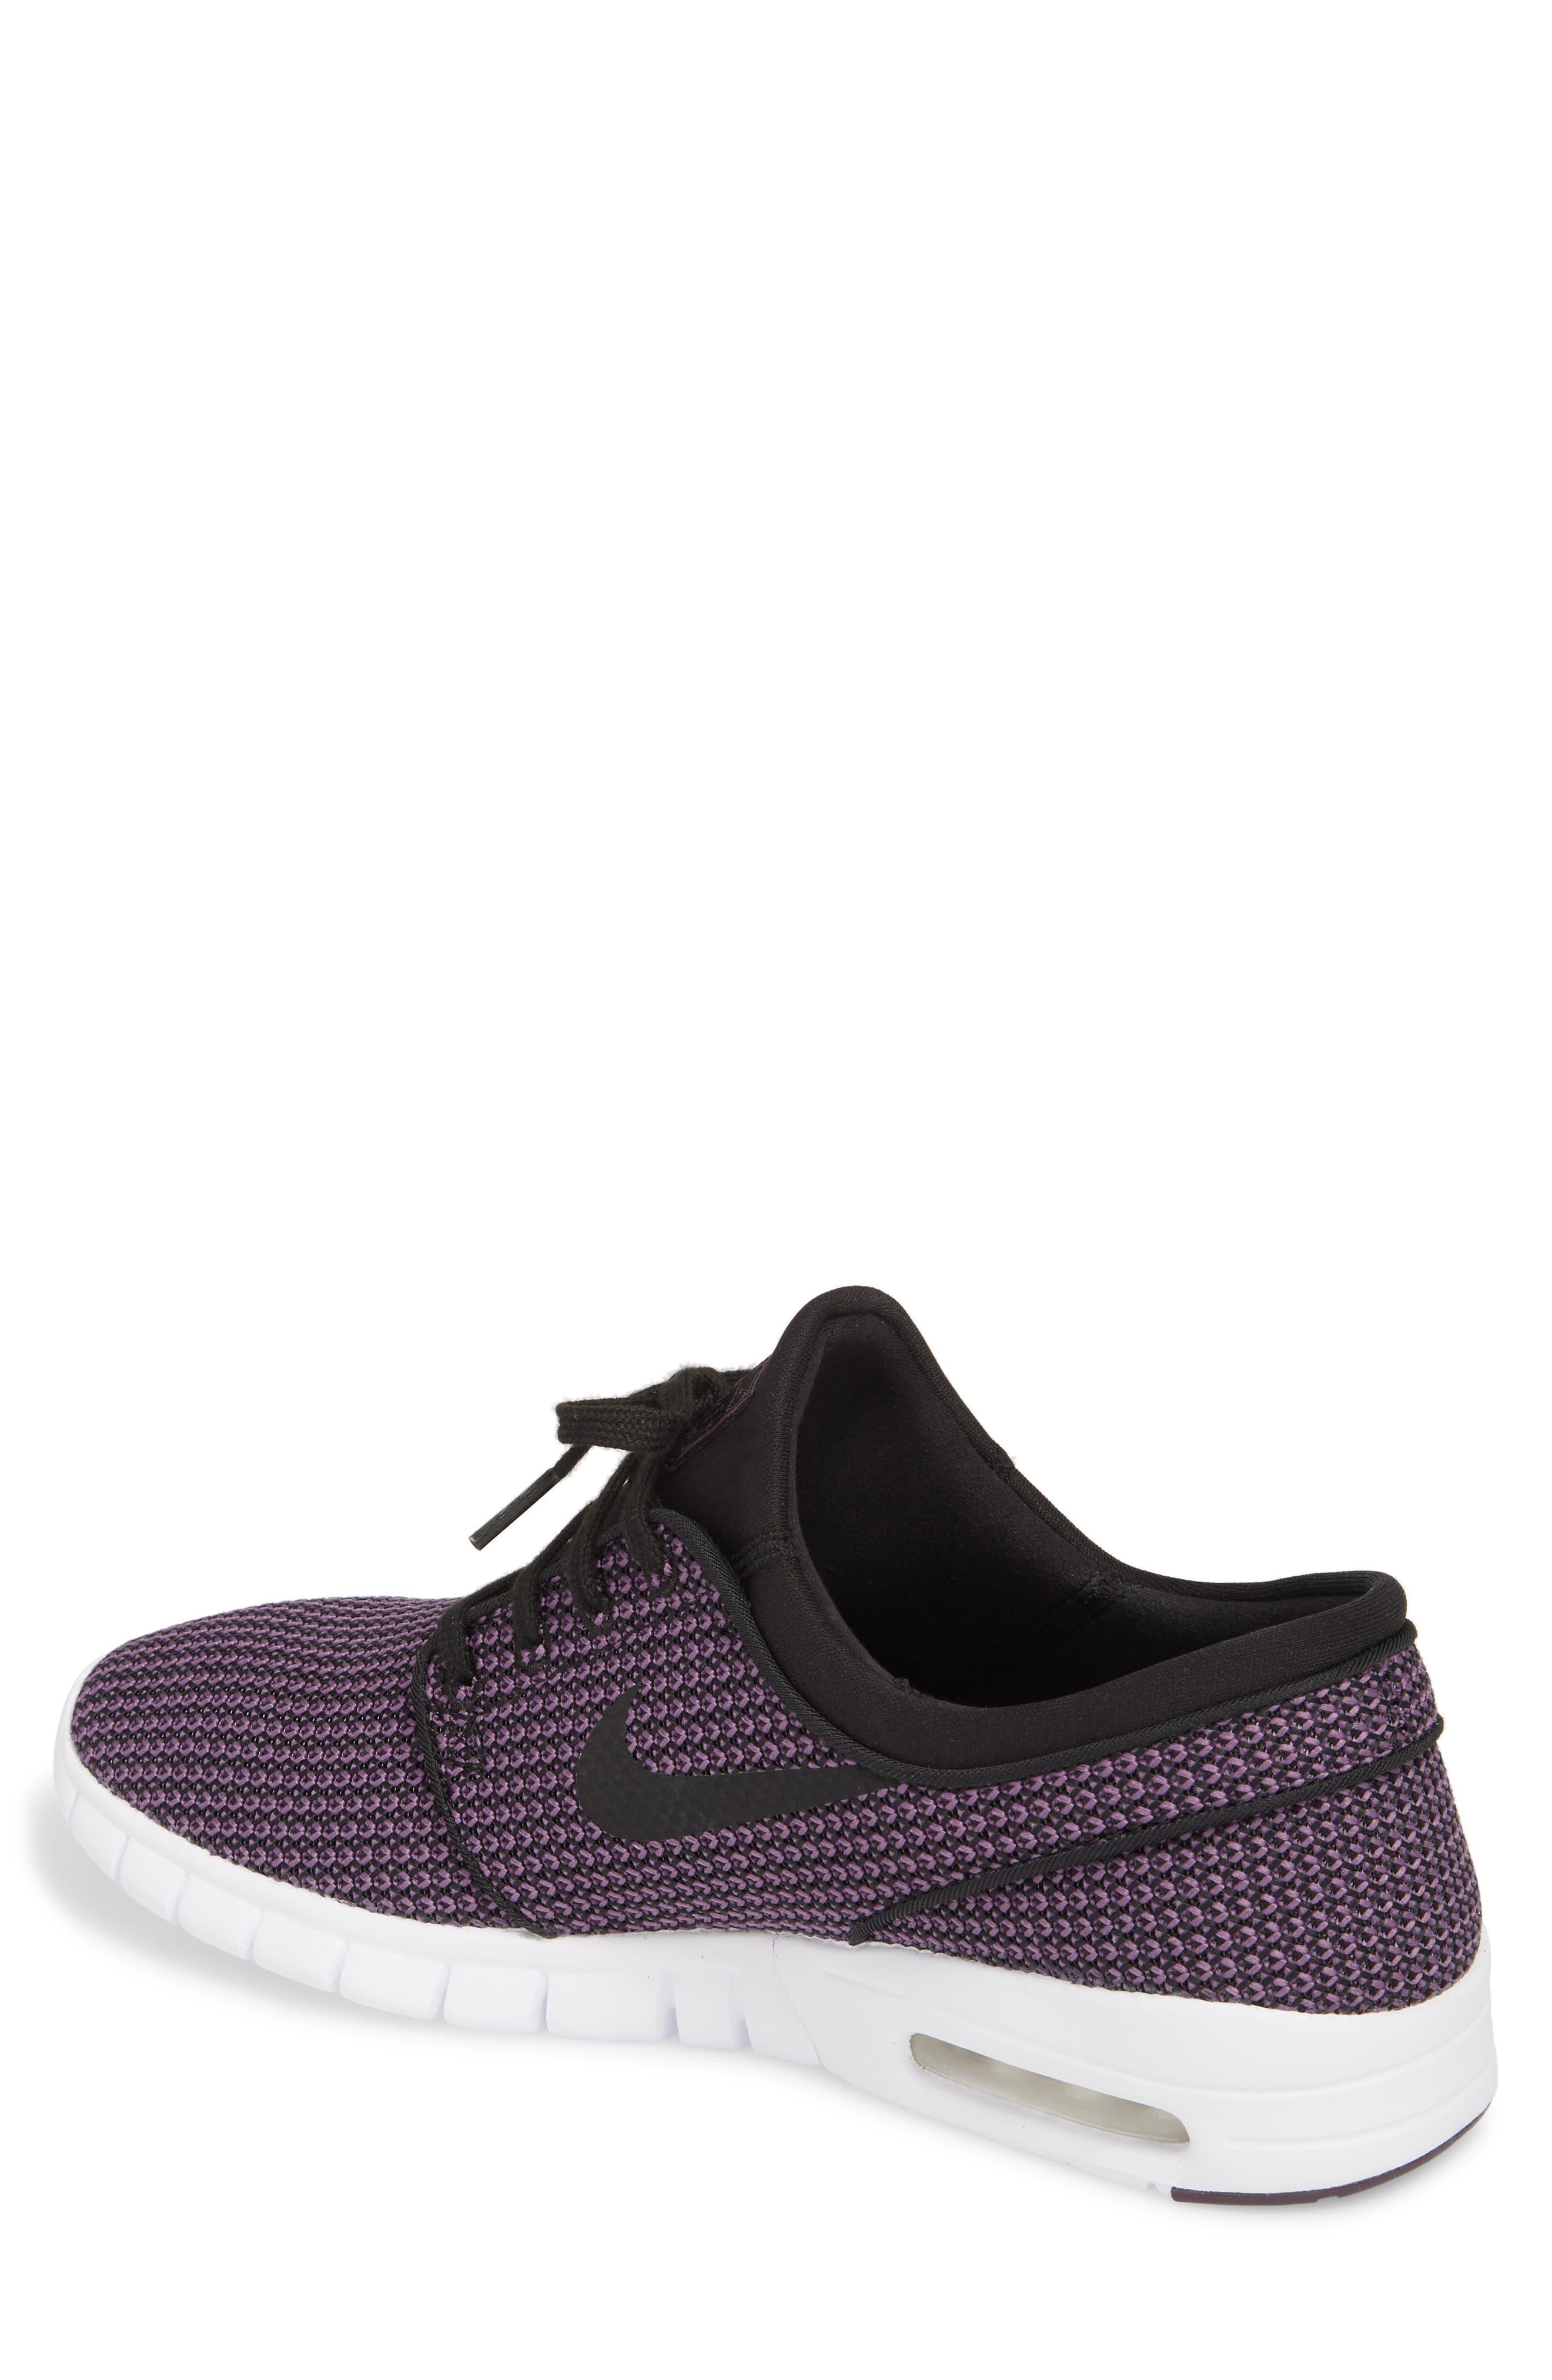 'Stefan Janoski - Max SB' Skate Shoe,                             Alternate thumbnail 3, color,                             BLACK/ PRO PURPLE/ WHITE